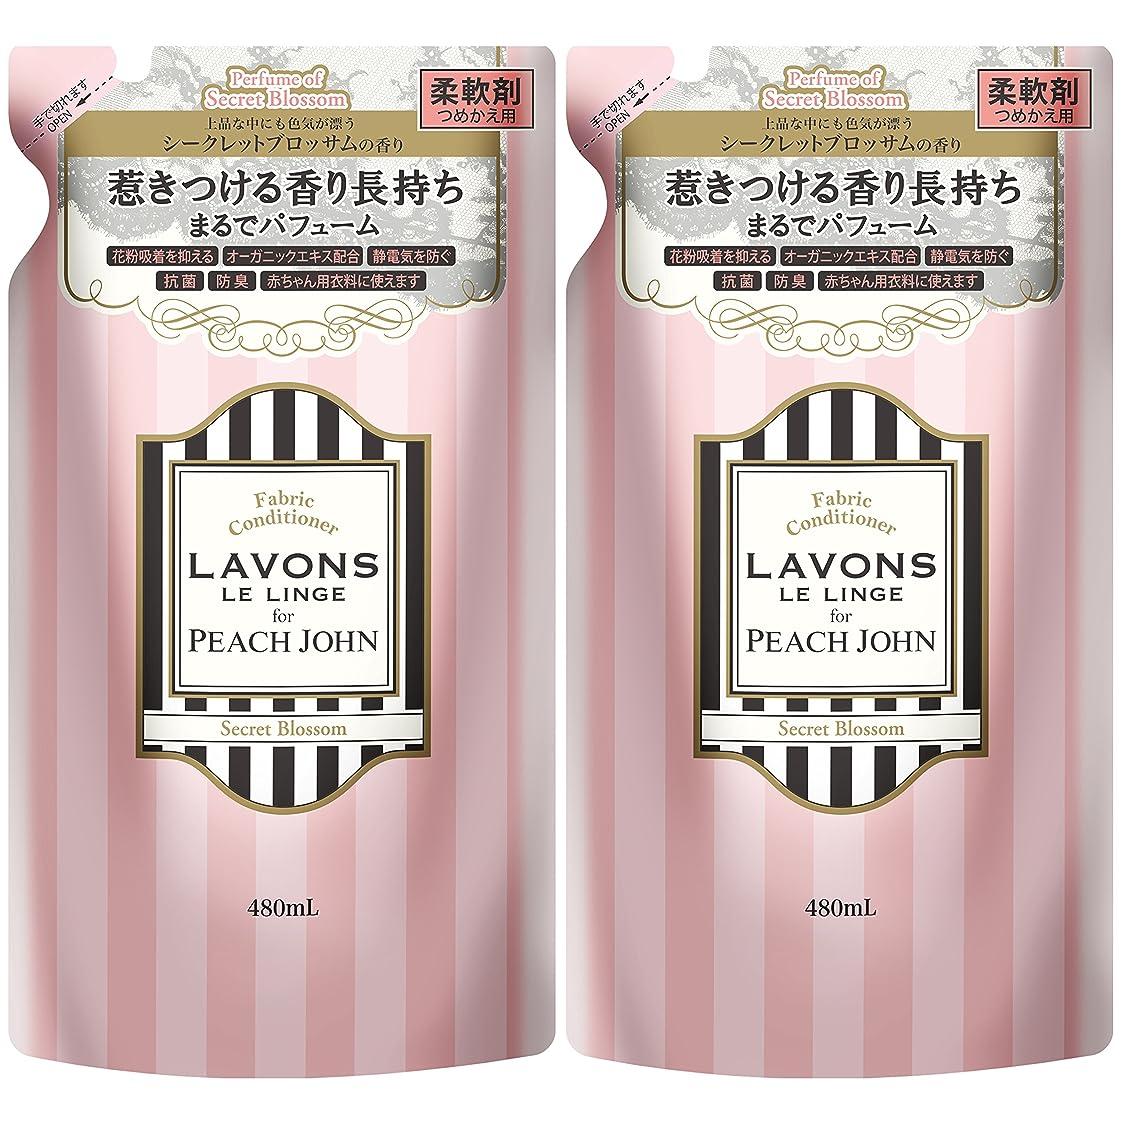 現れるに賛成頑張るラボン ( Lavons )  柔軟剤 詰替え PJ シークレットブロッサムの香り  2個